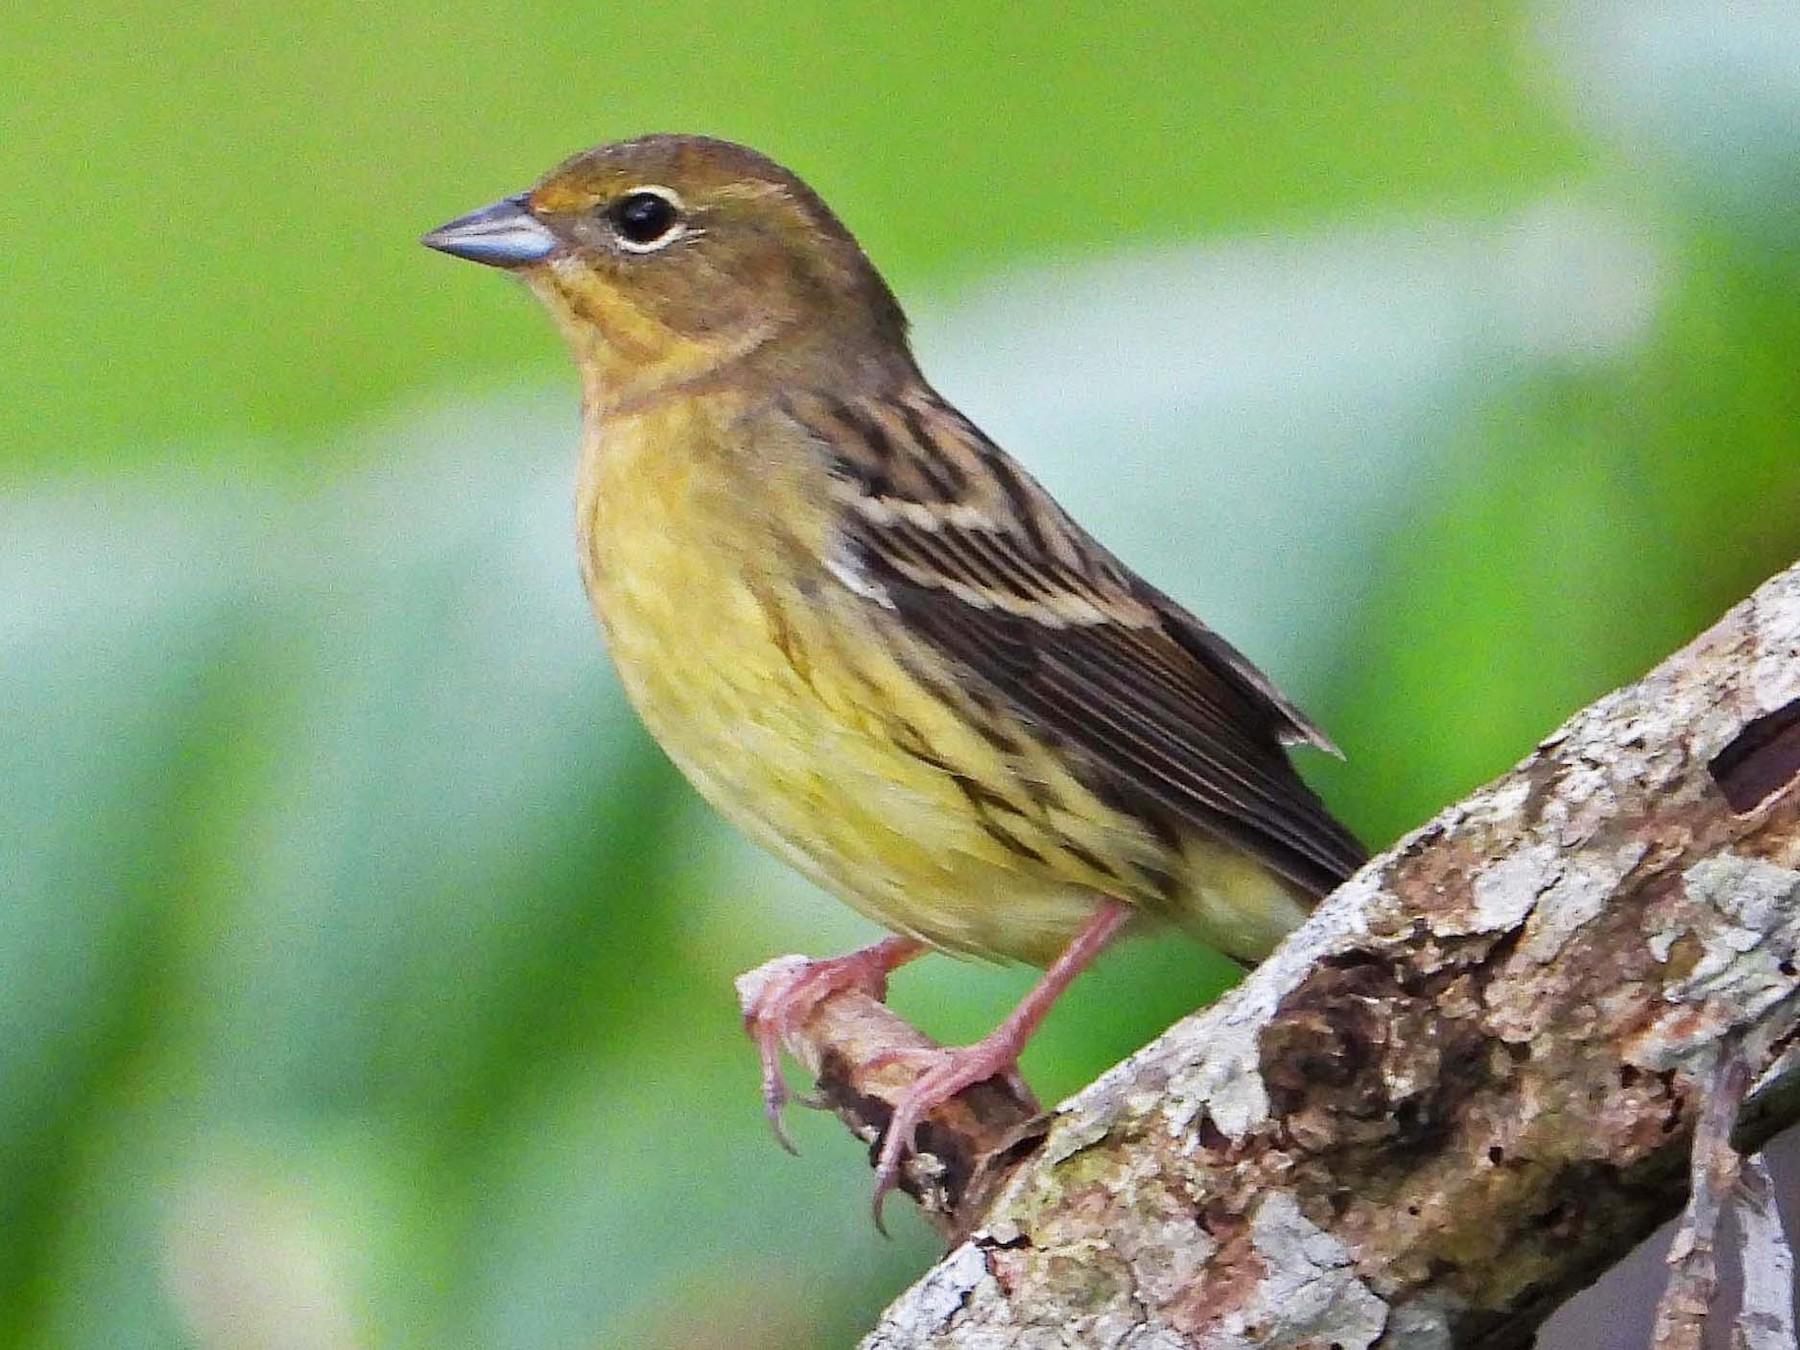 Yellow Bunting - Jonet Carpio